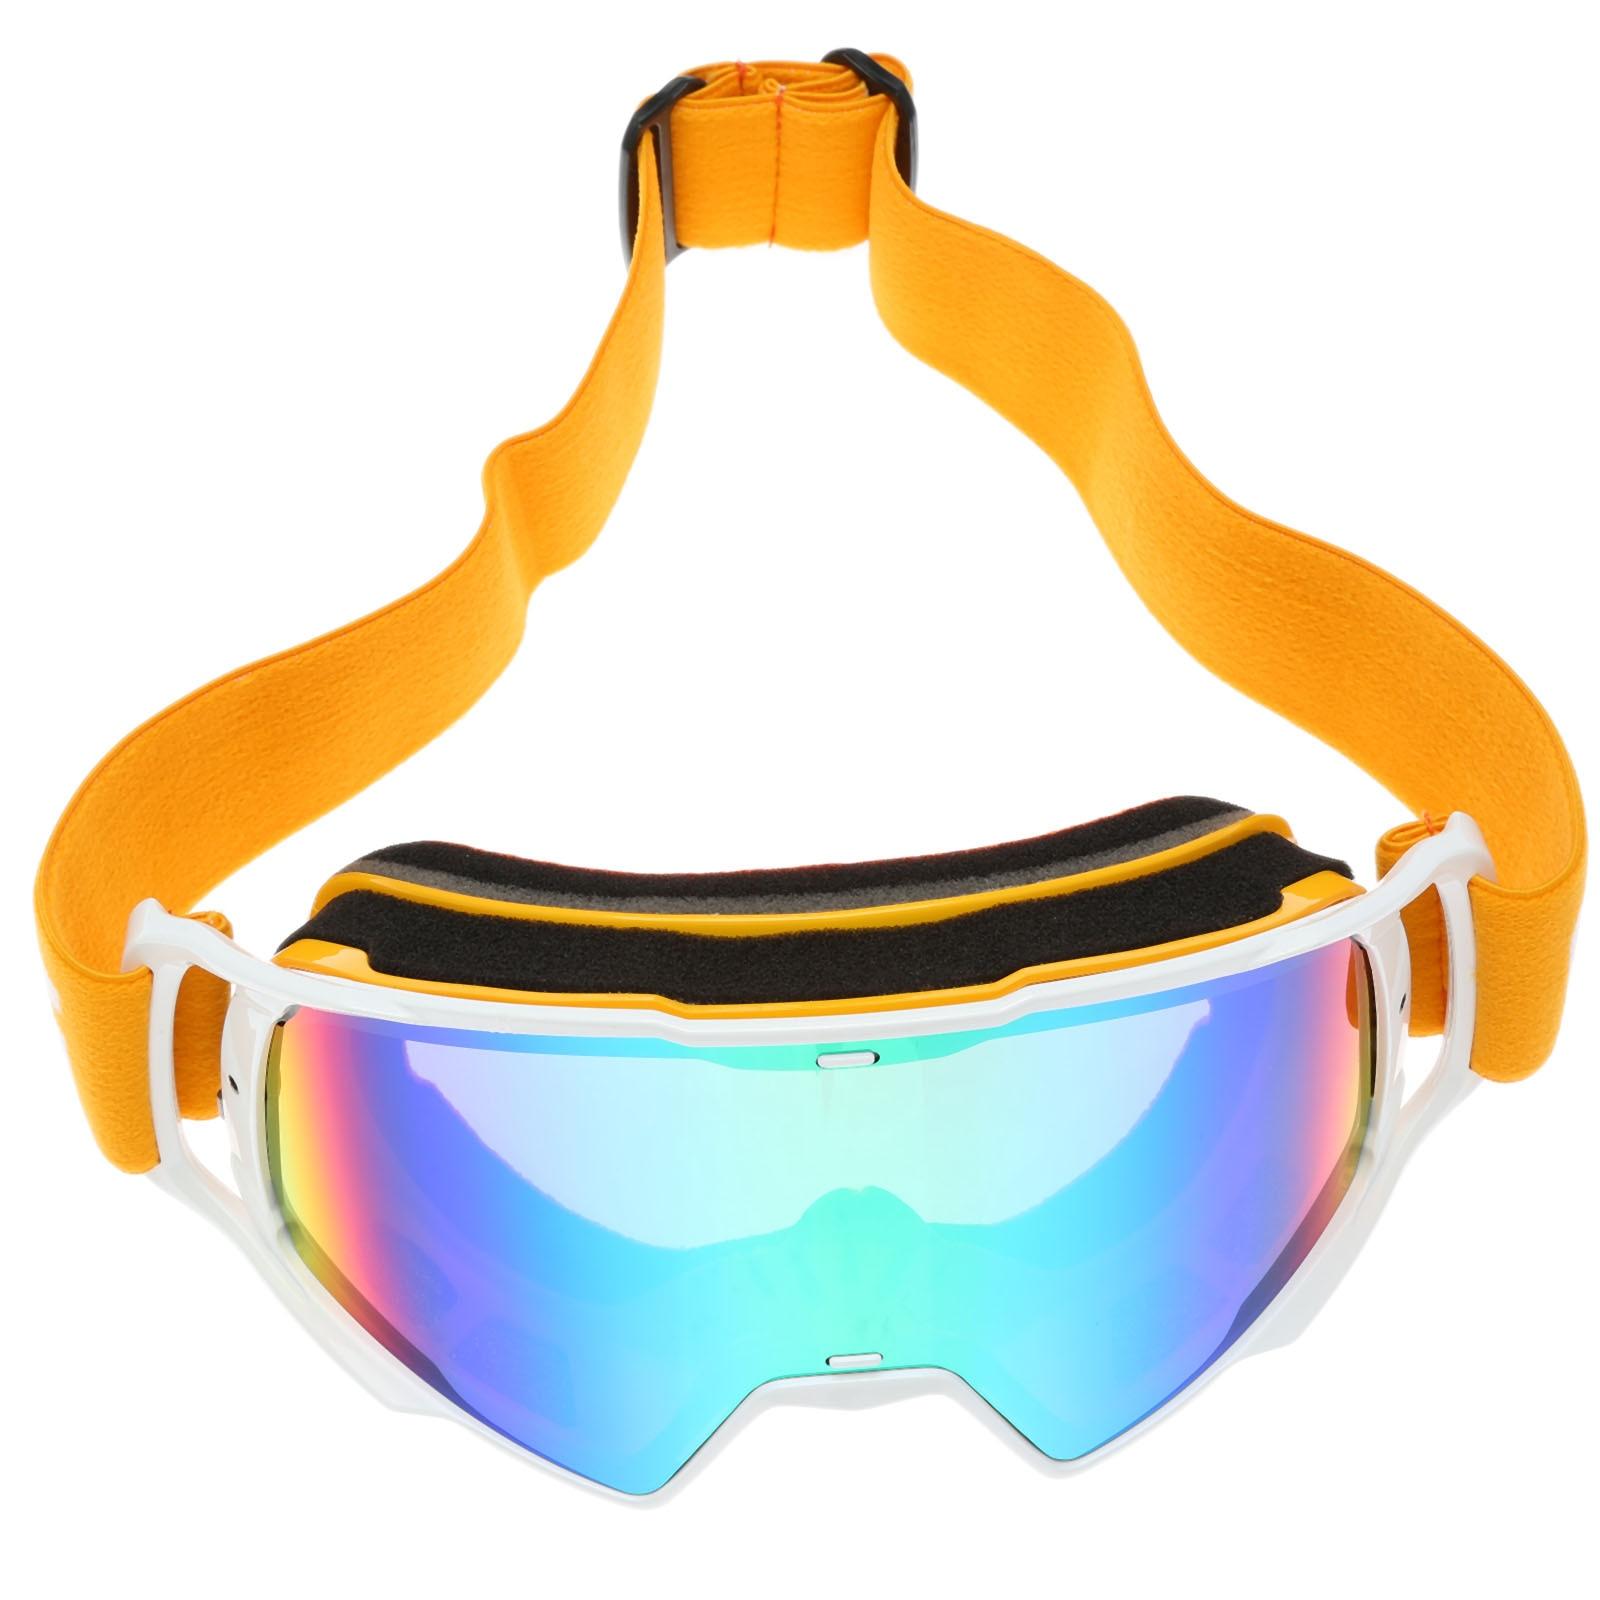 5 цветов avaiable унисекс Профессиональных Сферические Двойной объектив зеркало анти-туман УФ сноуборд горнолыжные очки Очки для лыжного спорт...